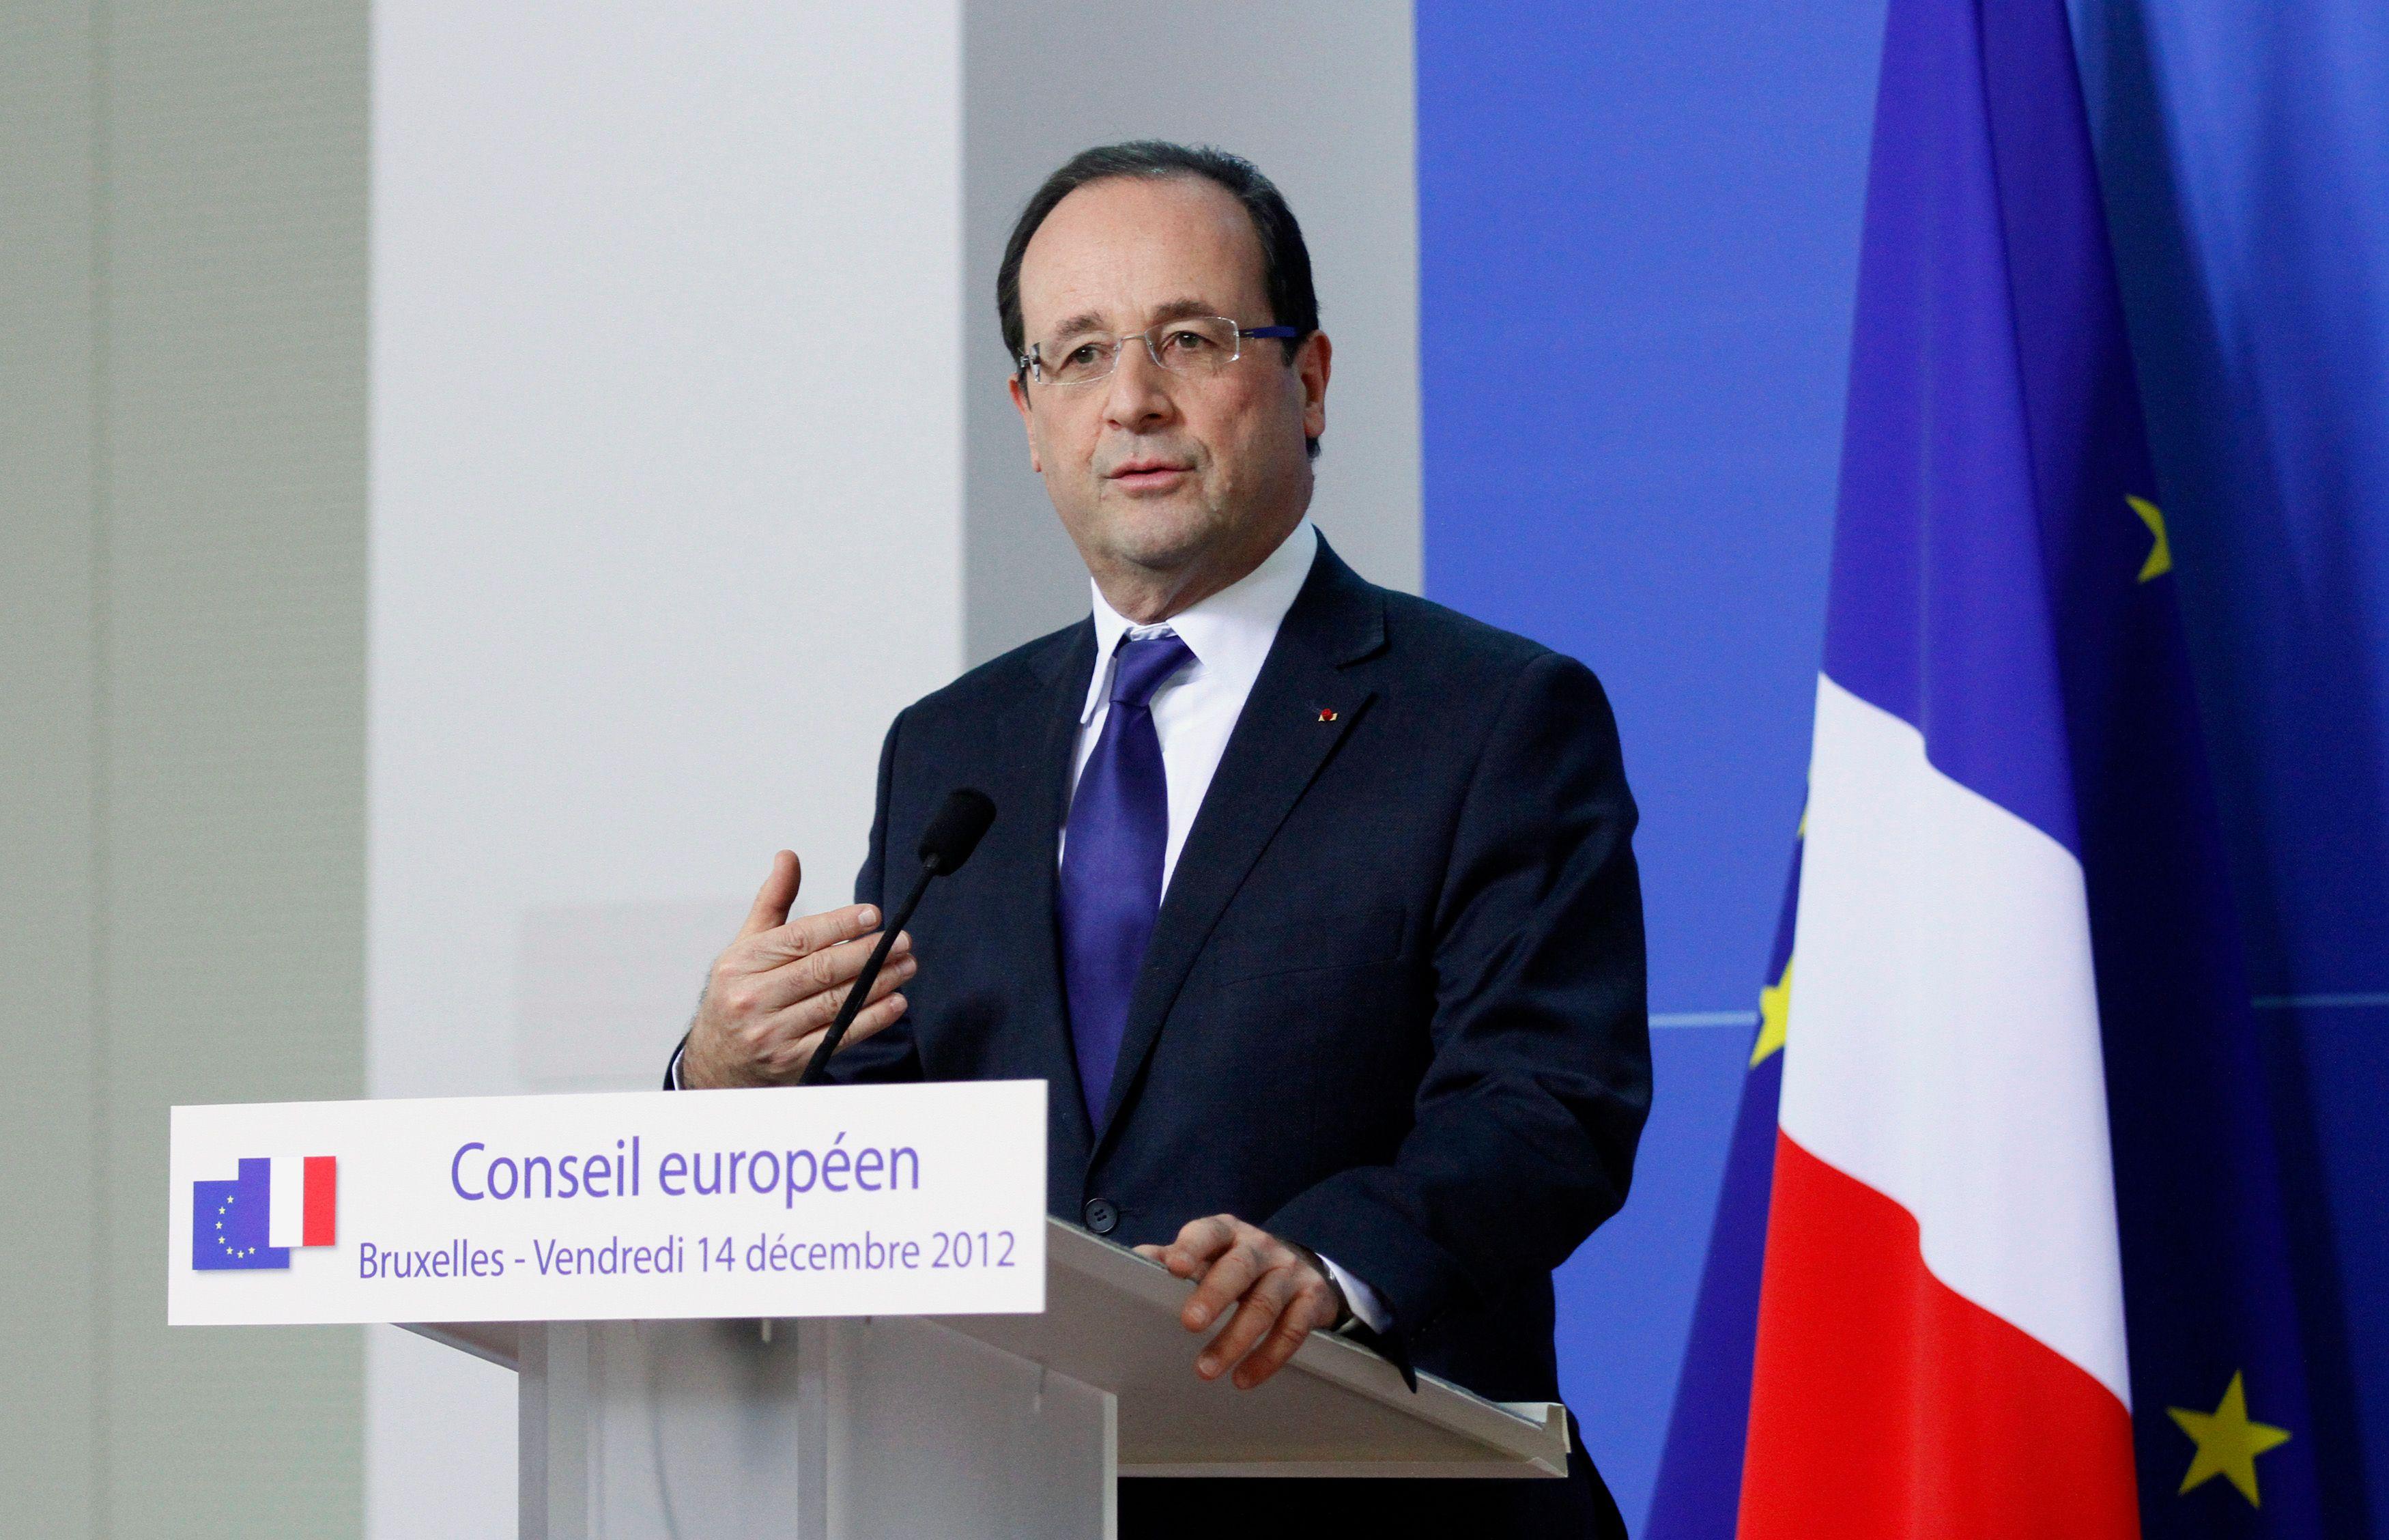 François Hollande tentera le 27 juin de modifier le texte de la recommandation de Bruxelles concernant  les retraites